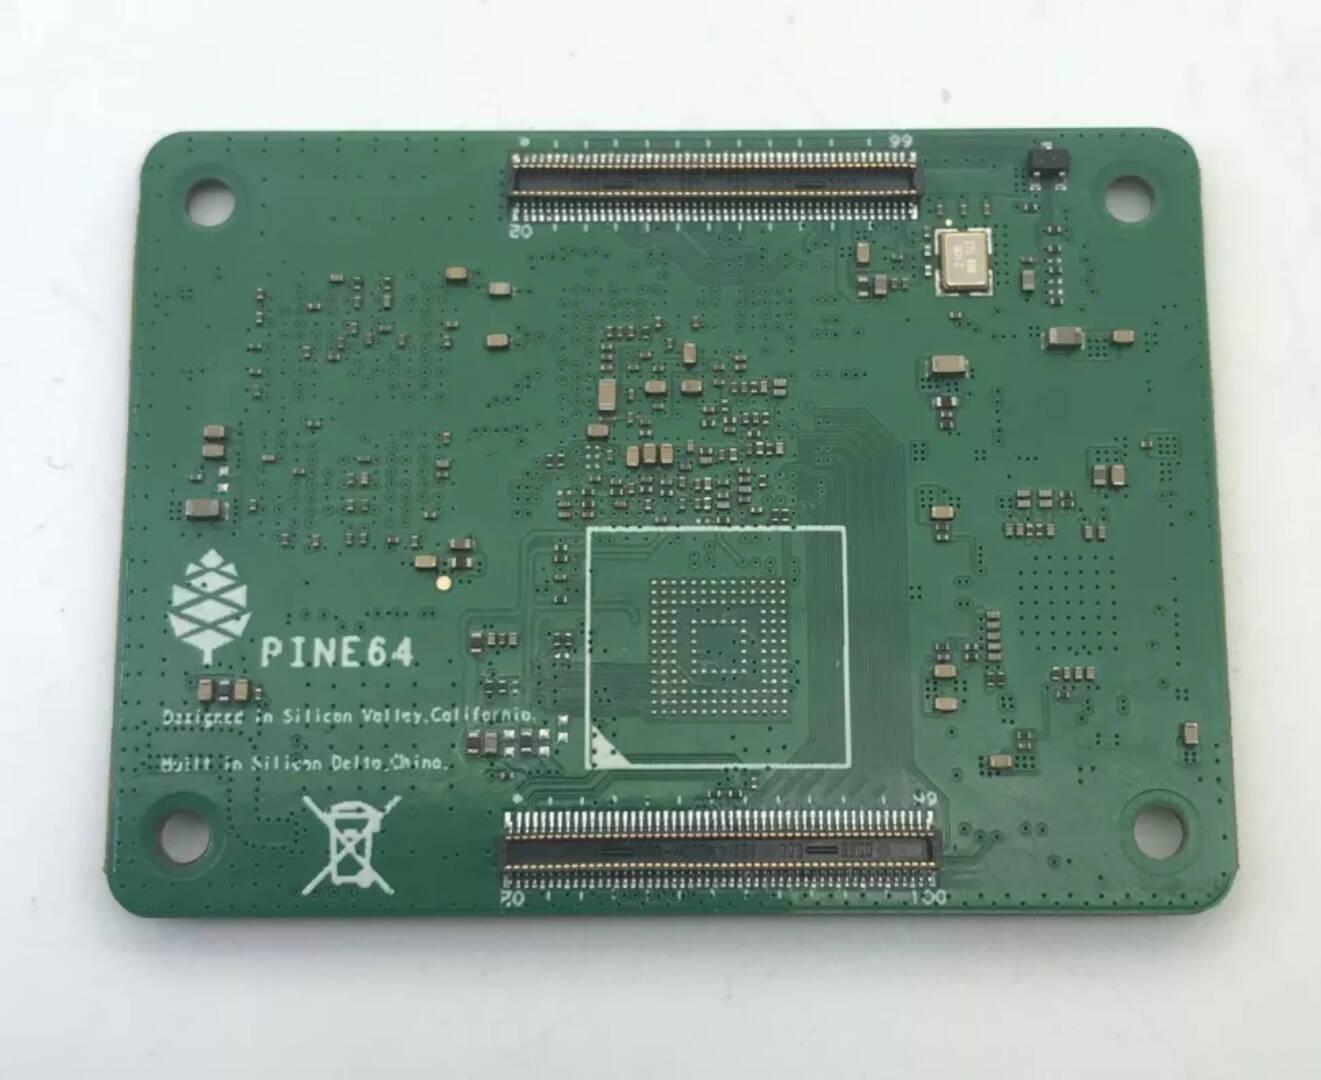 Pine64 Quartz64